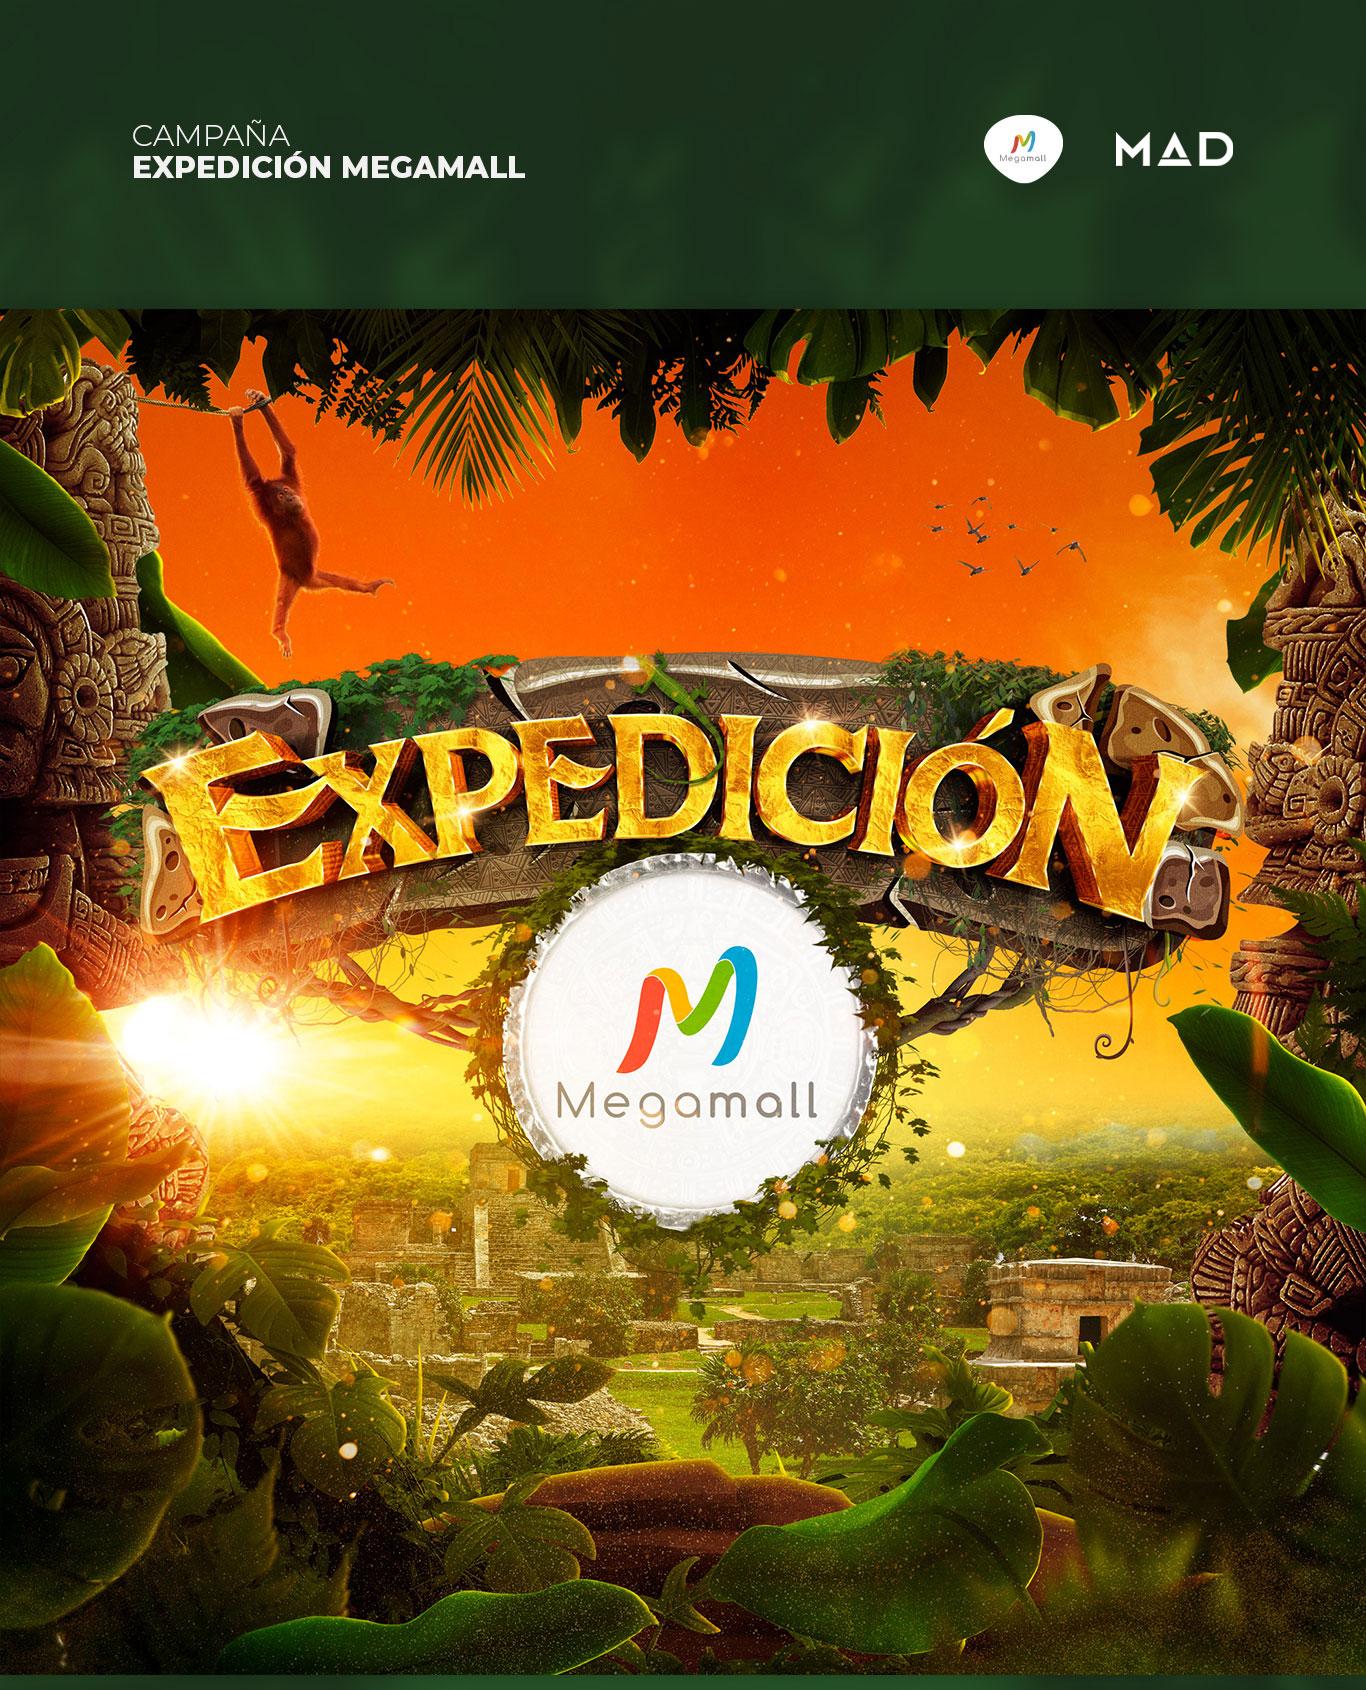 Mockup-Retoque-Expedición-Megamall-01